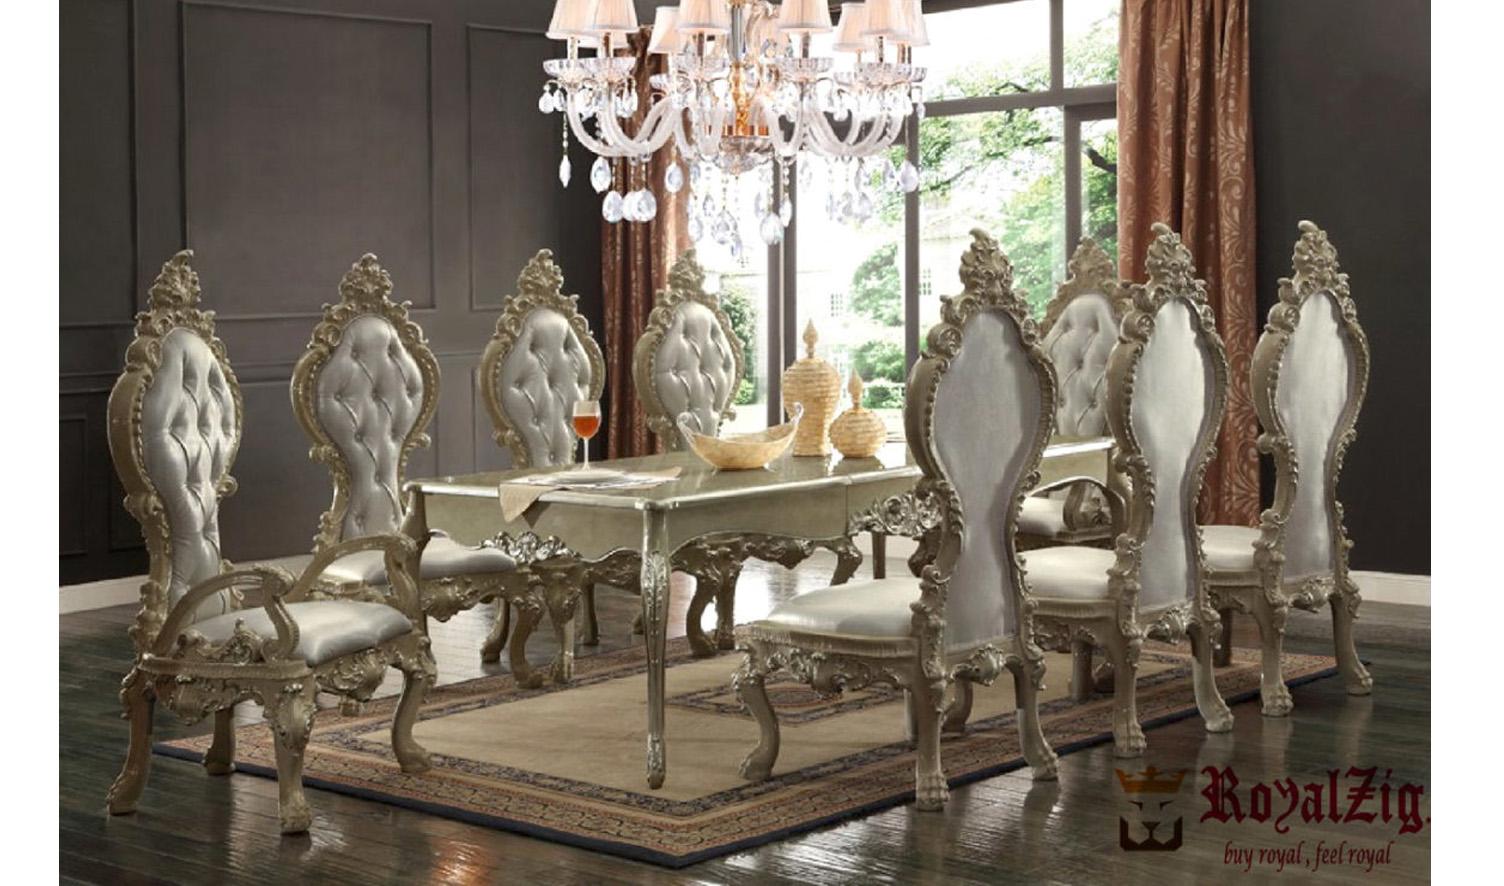 Luxury Dining Table Hand Carved Teak, Teak Wood Dining Room Table